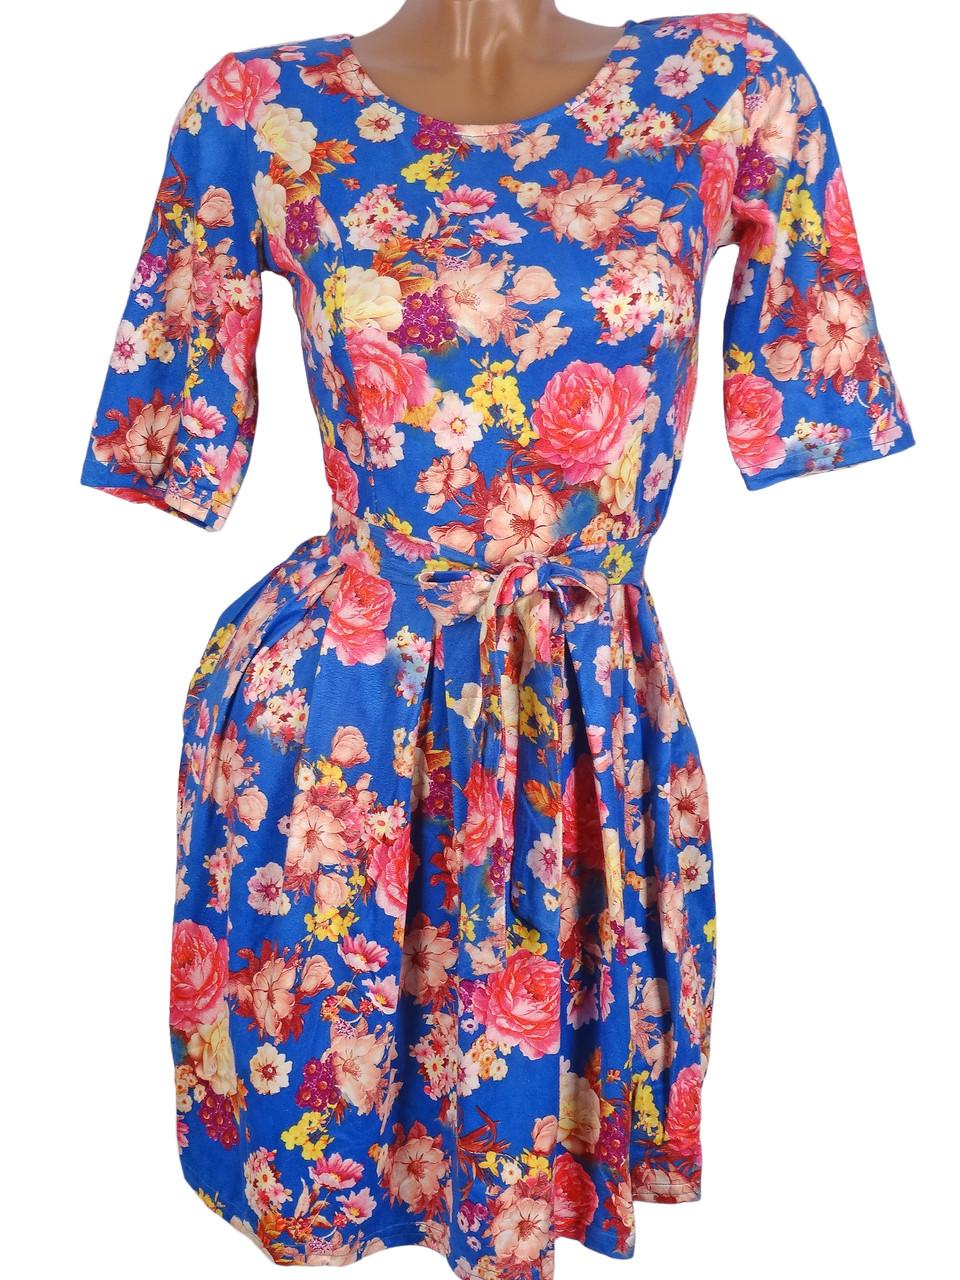 Яркое летнее платье в цветы (в расцветках 42-46)